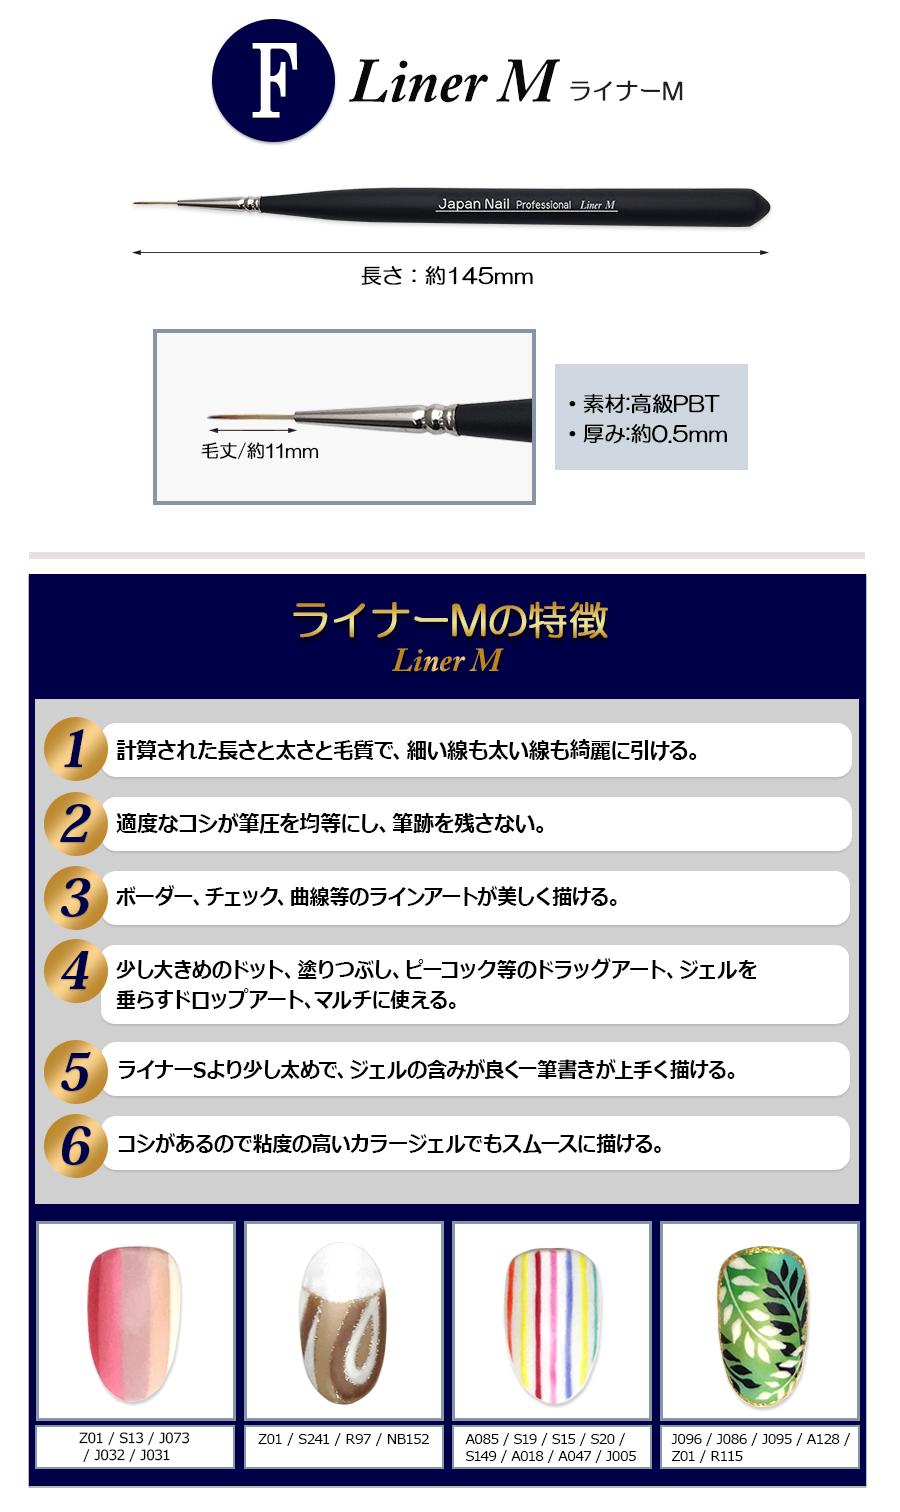 【ライナーM】 日本製 ジャパンネイル プロフェッショナル ネイルブラシシリーズ メイドインジャパン【HLS_DU】